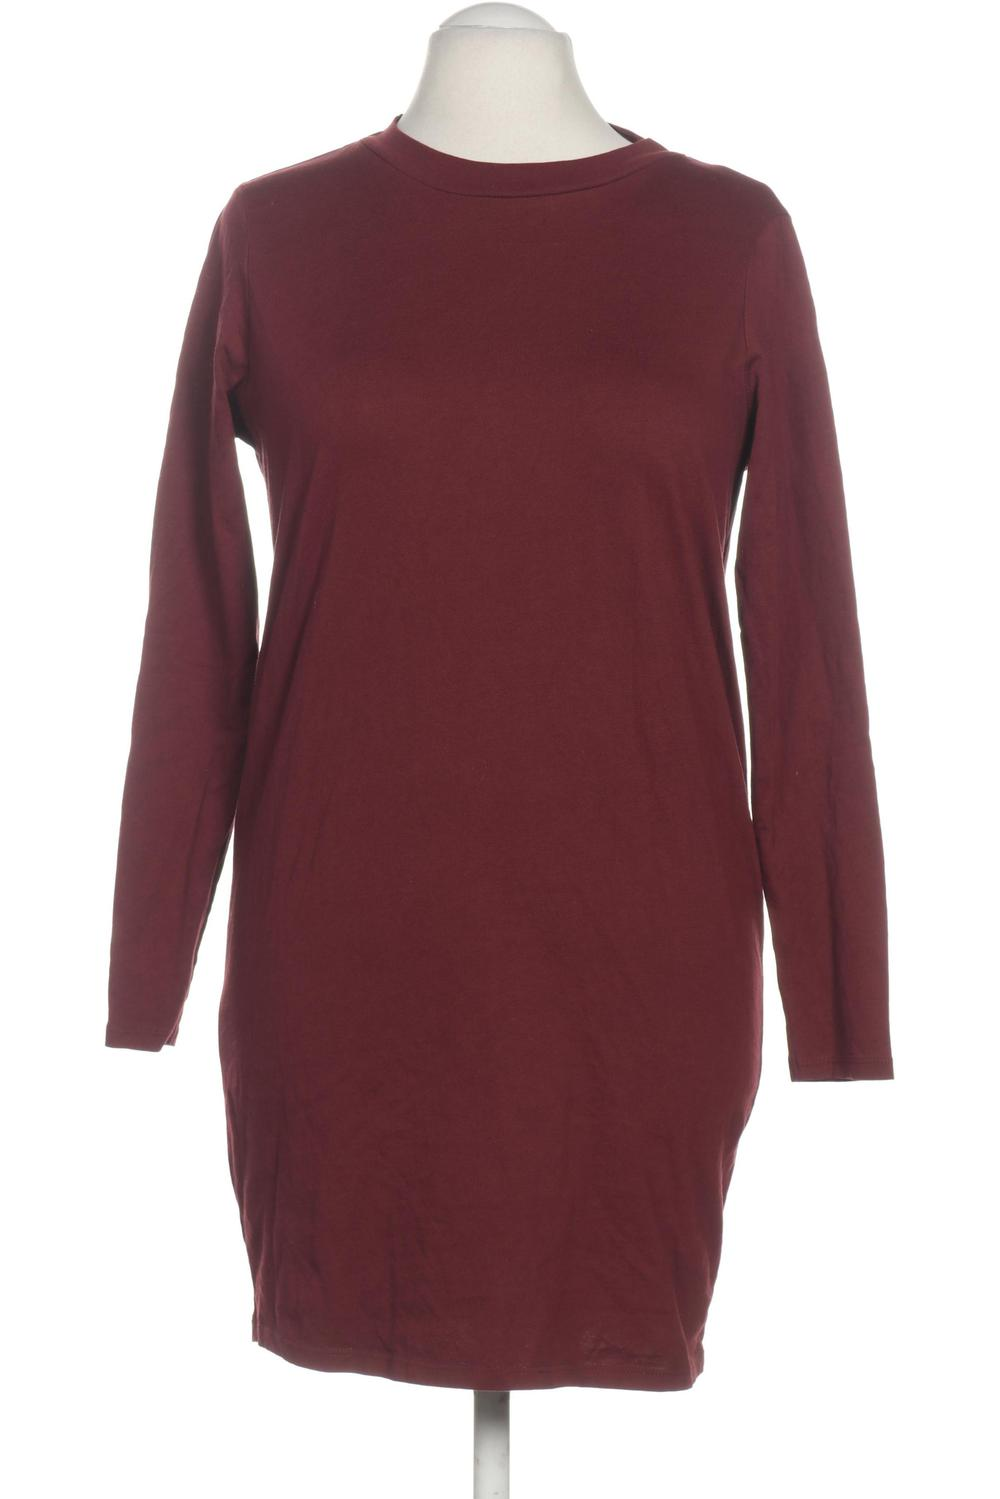 details zu asos kleid damen dress damenkleid gr. eur 38 (de 36) baumwolle  rot #55b97a0